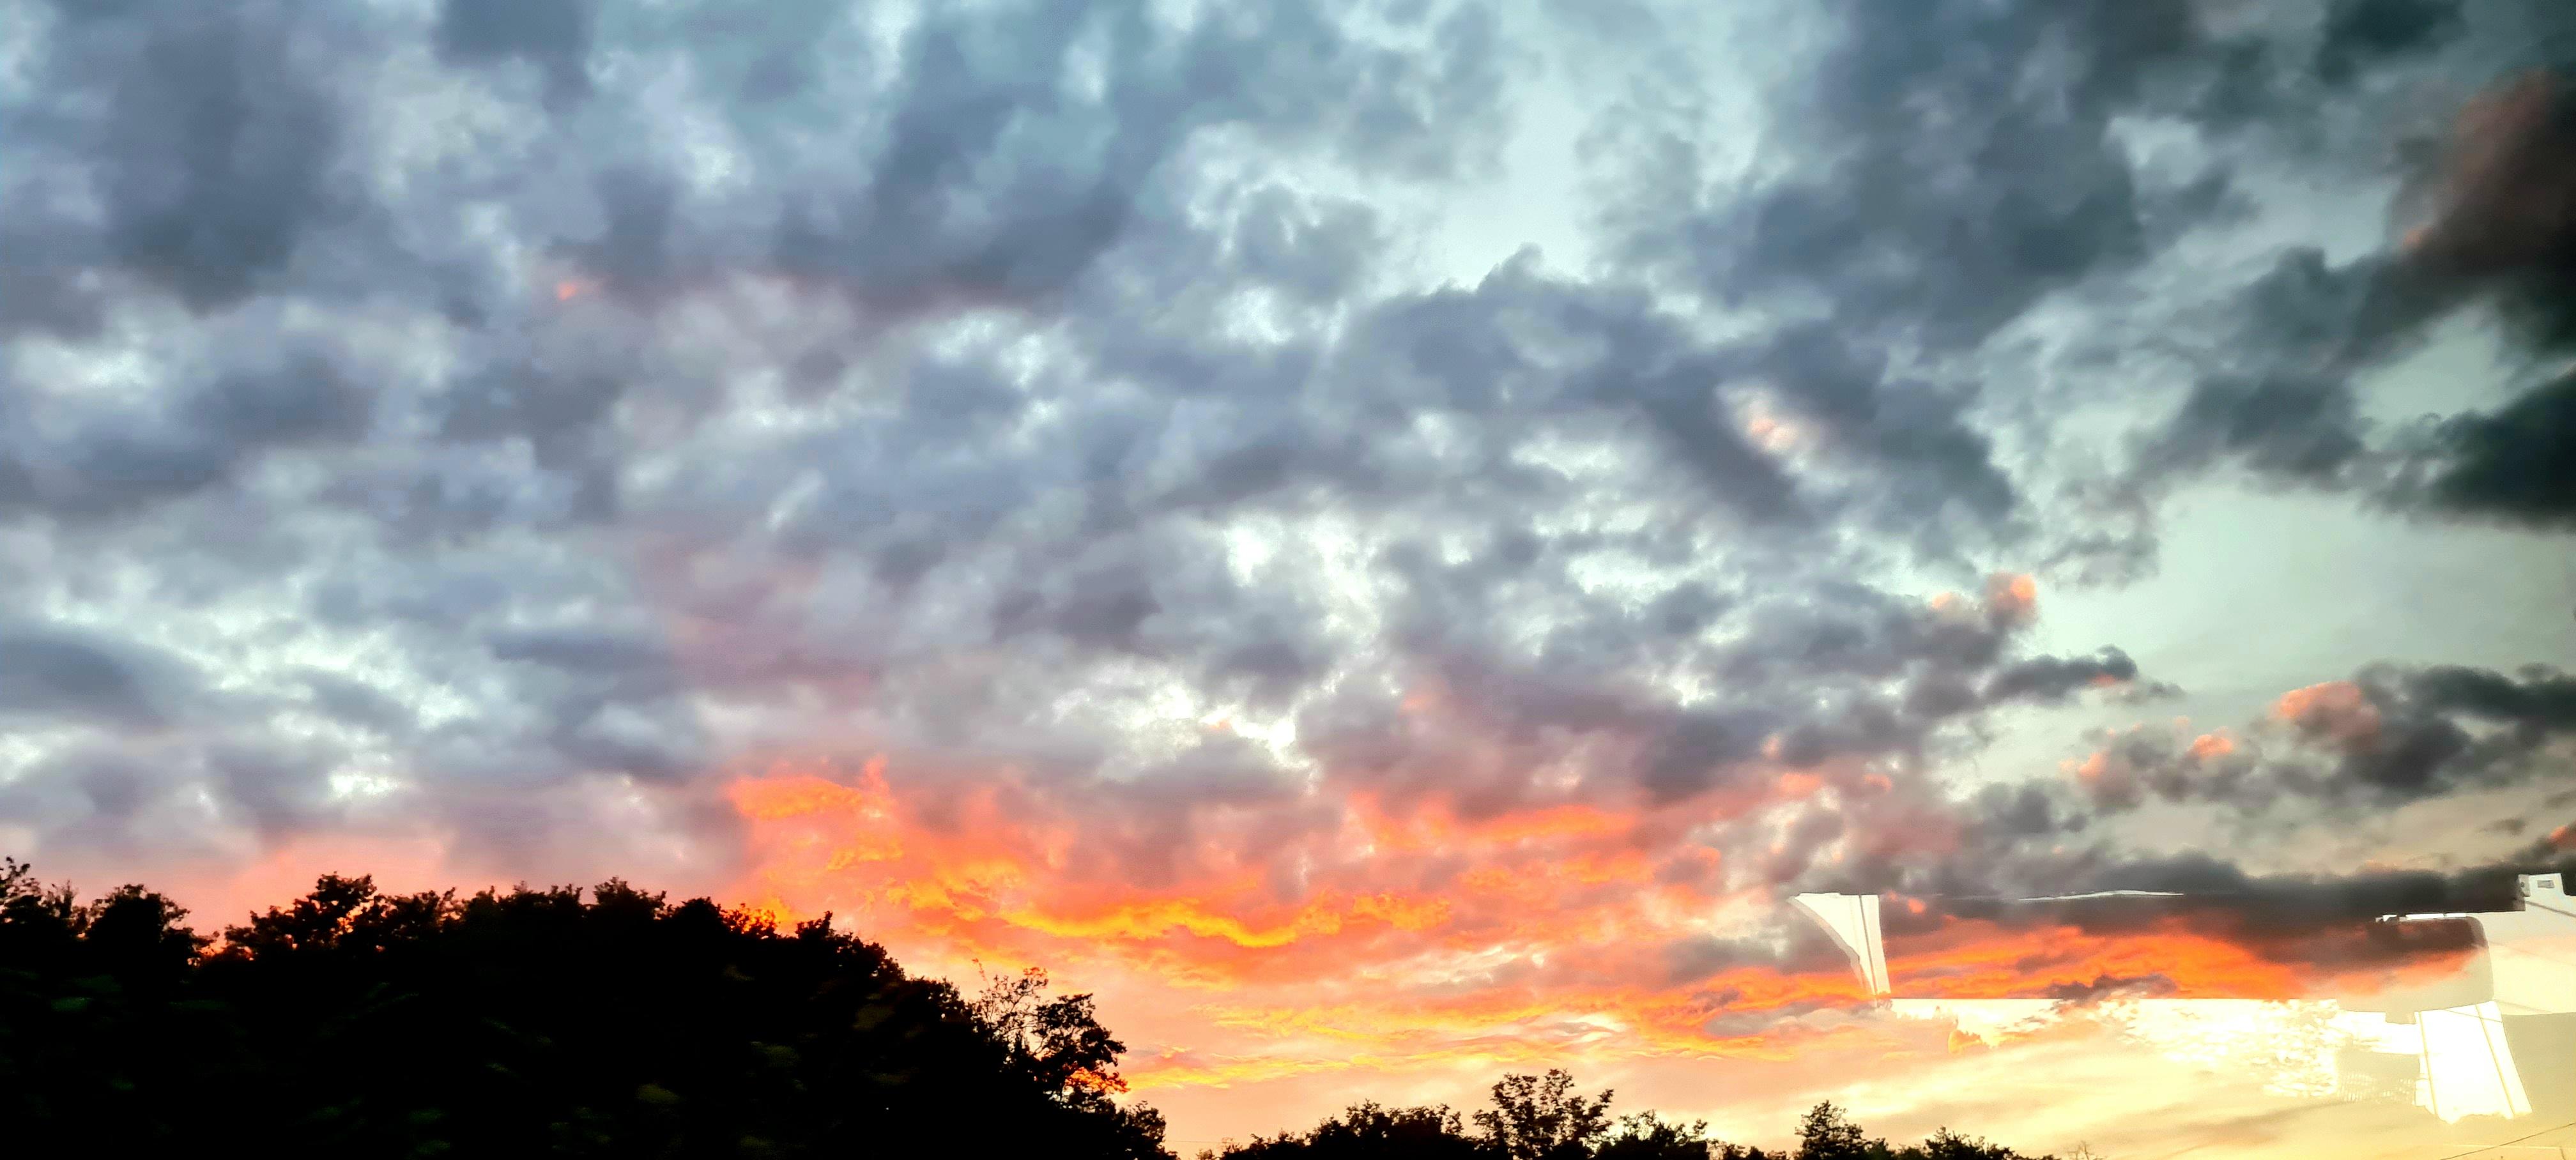 sunsetfromthebuss